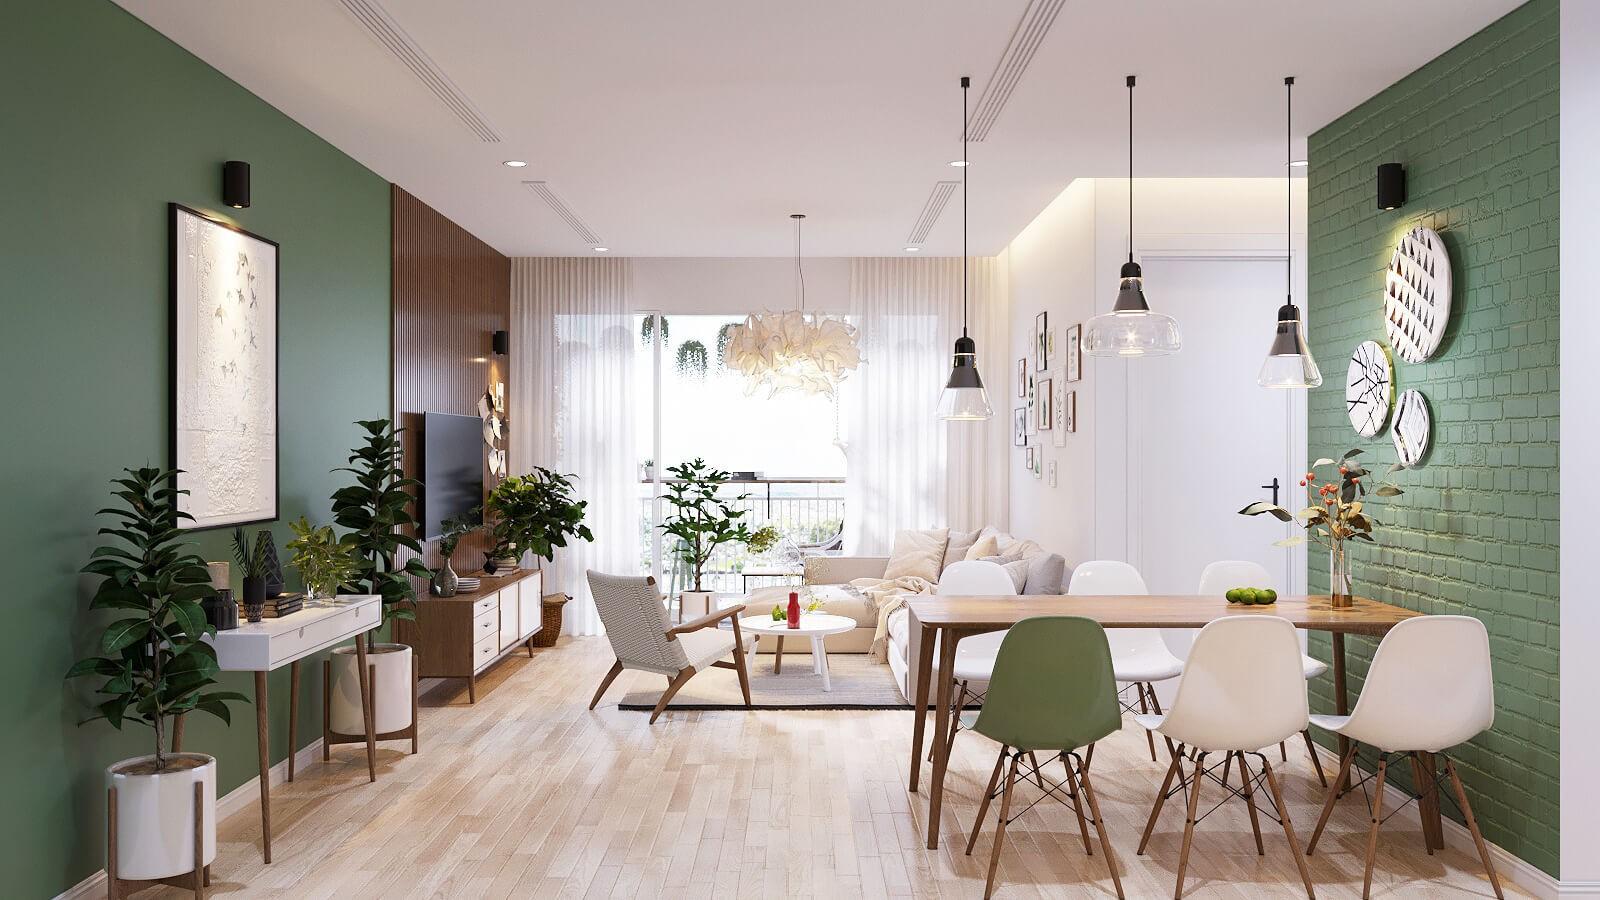 Muốn thiết kế căn hộ hoàn hảo bạn không nên bỏ qua 3 lưu ý này  - Ảnh 1.